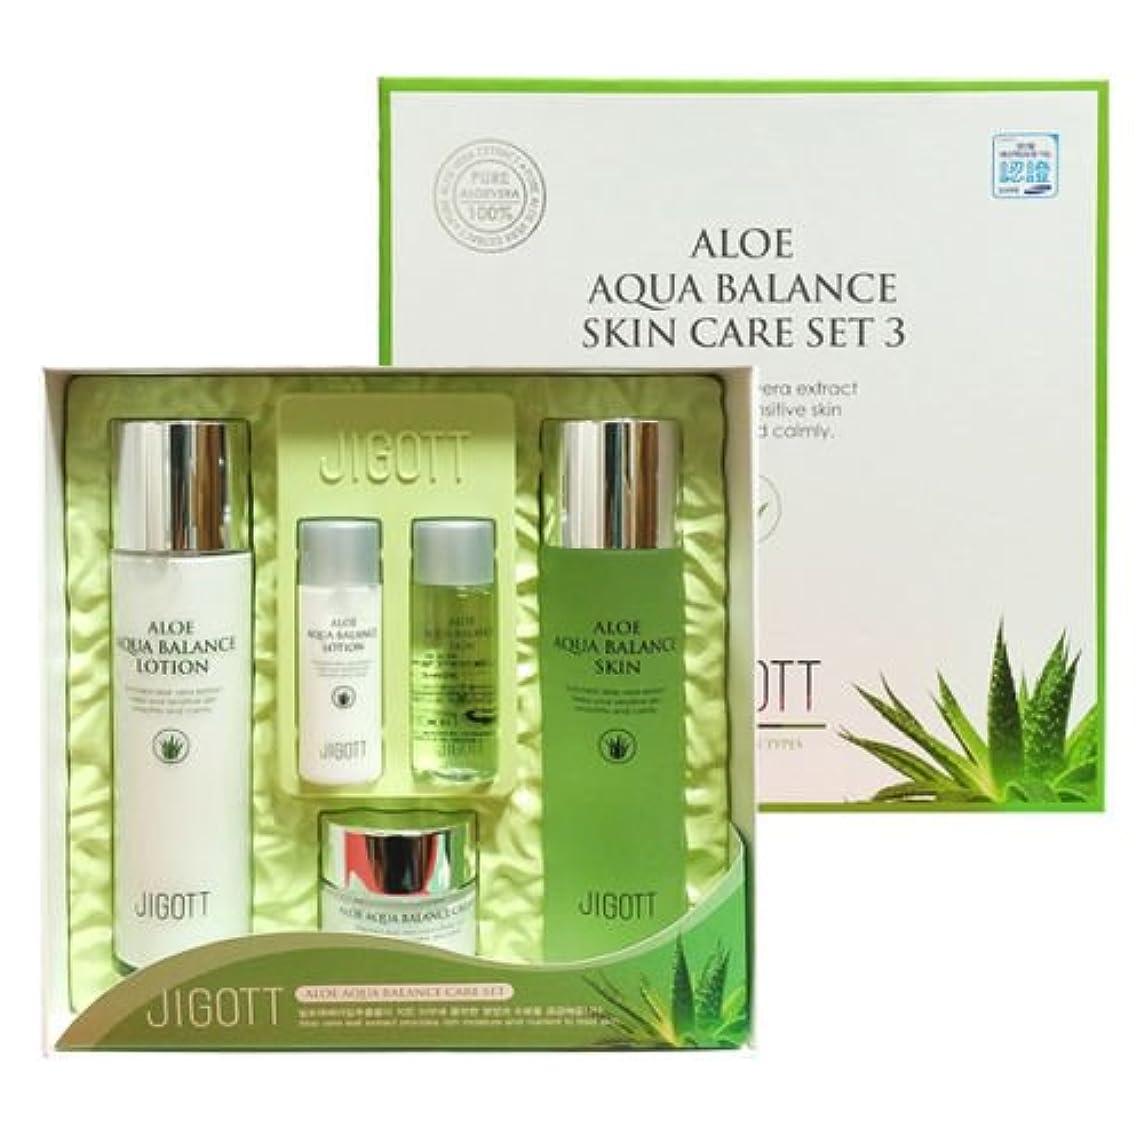 適応失アラブ人ジゴトゥ[韓国コスメJigott]Aloe Aqua Balance Skin Care 3 Set アロエアクアバランススキンケア3セット樹液,乳液,クリーム [並行輸入品]